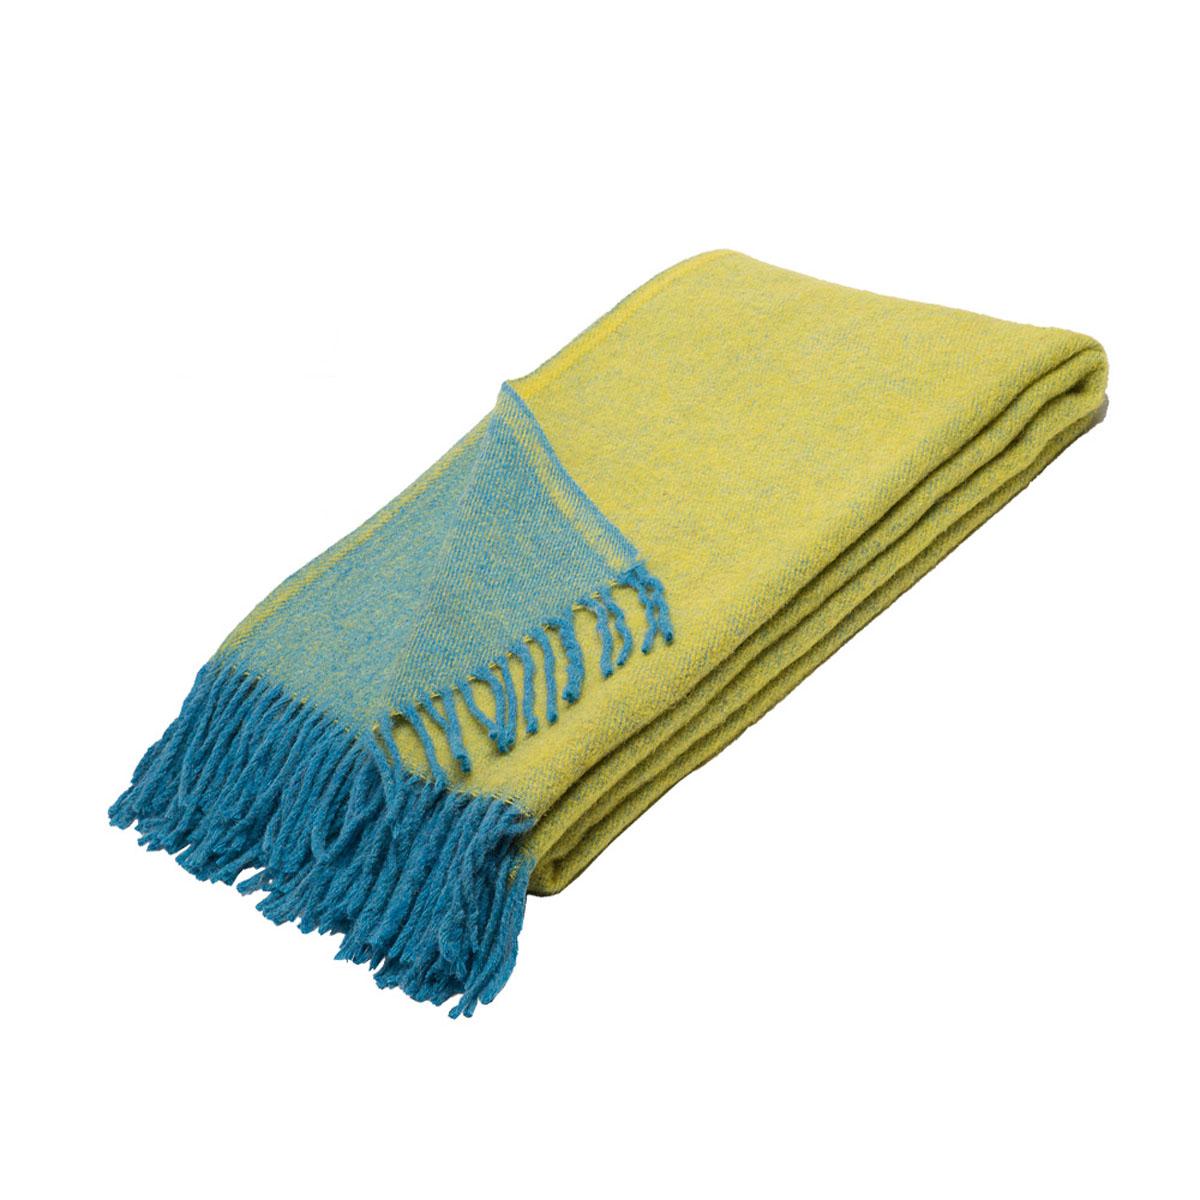 Плед Руно Дуэт, цвет: желтый, голубой, 140 х 200 см. 1-531-140 (69)FA-5125 WhiteПлед Руно Дуэт гармонично впишется в интерьер вашего дома и создаст атмосферу уюта и комфорта. Чрезвычайно мягкий и теплый плед с кистями изготовлен из натуральной овечьей шерсти. Высочайшее качество материала гарантирует безопасность не только взрослых, но и самых маленьких членов семьи.Плед - это такой подарок, который будет всегда актуален, особенно для ваших родных и близких, ведь вы дарите им частичку своего тепла!